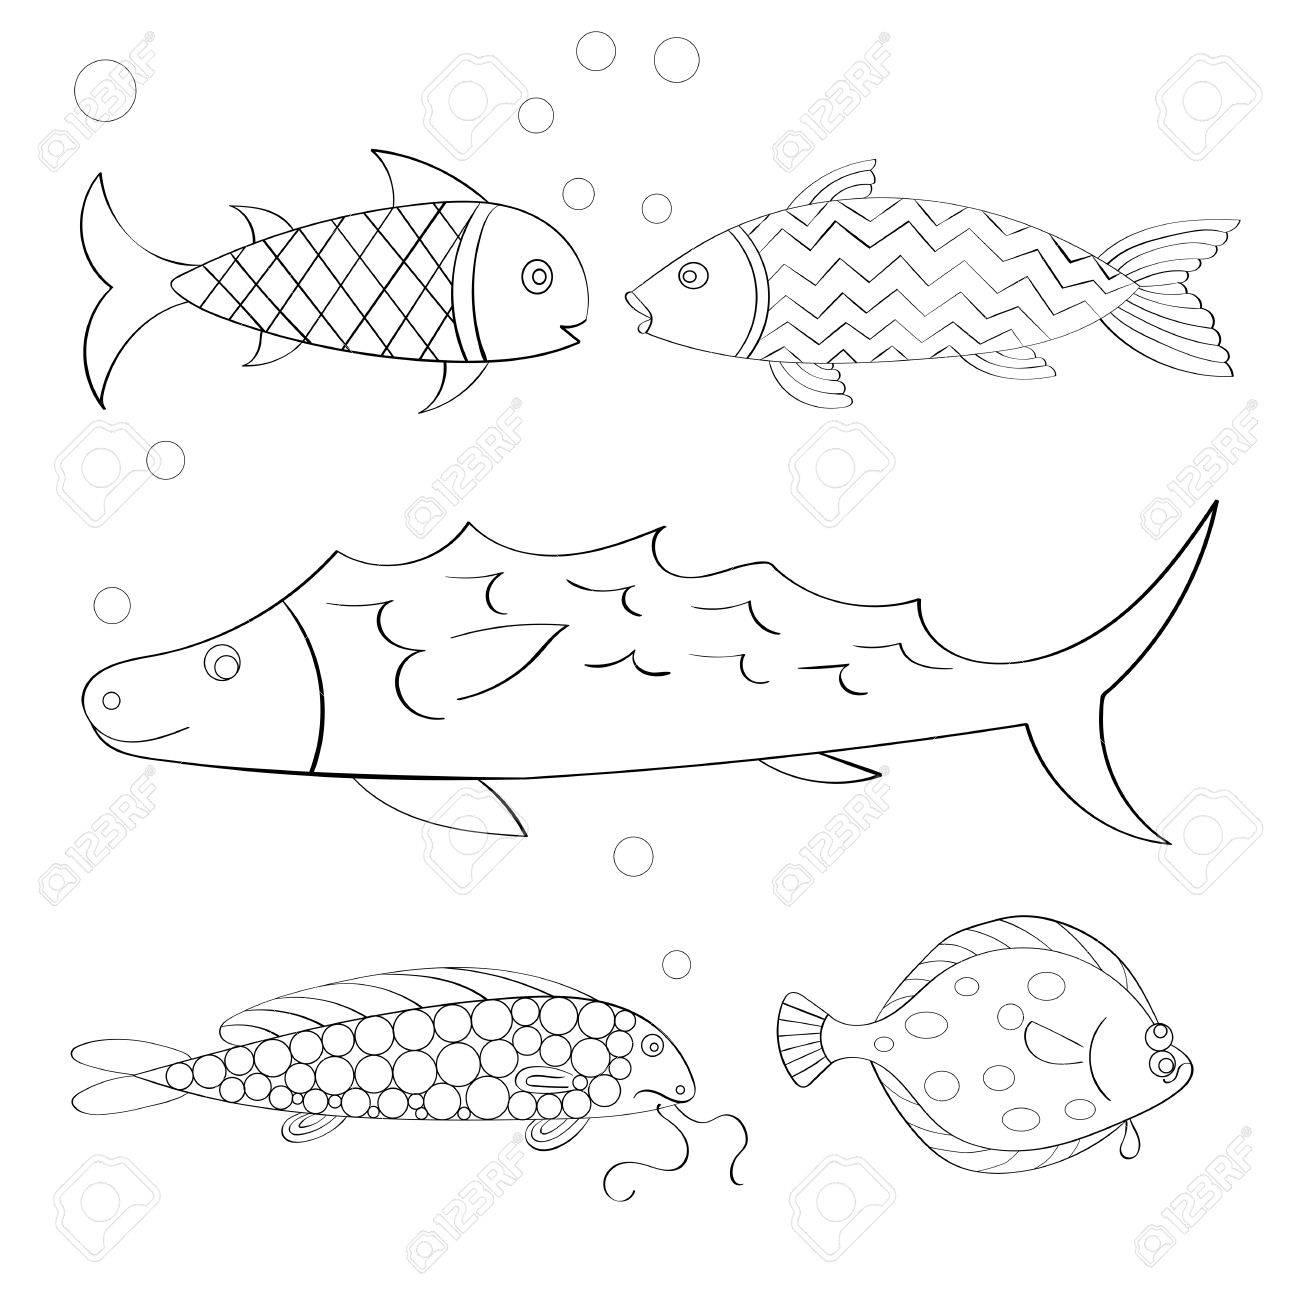 Dorable Ariel Y Platija Para Colorear Ideas - Dibujos de Animales ...